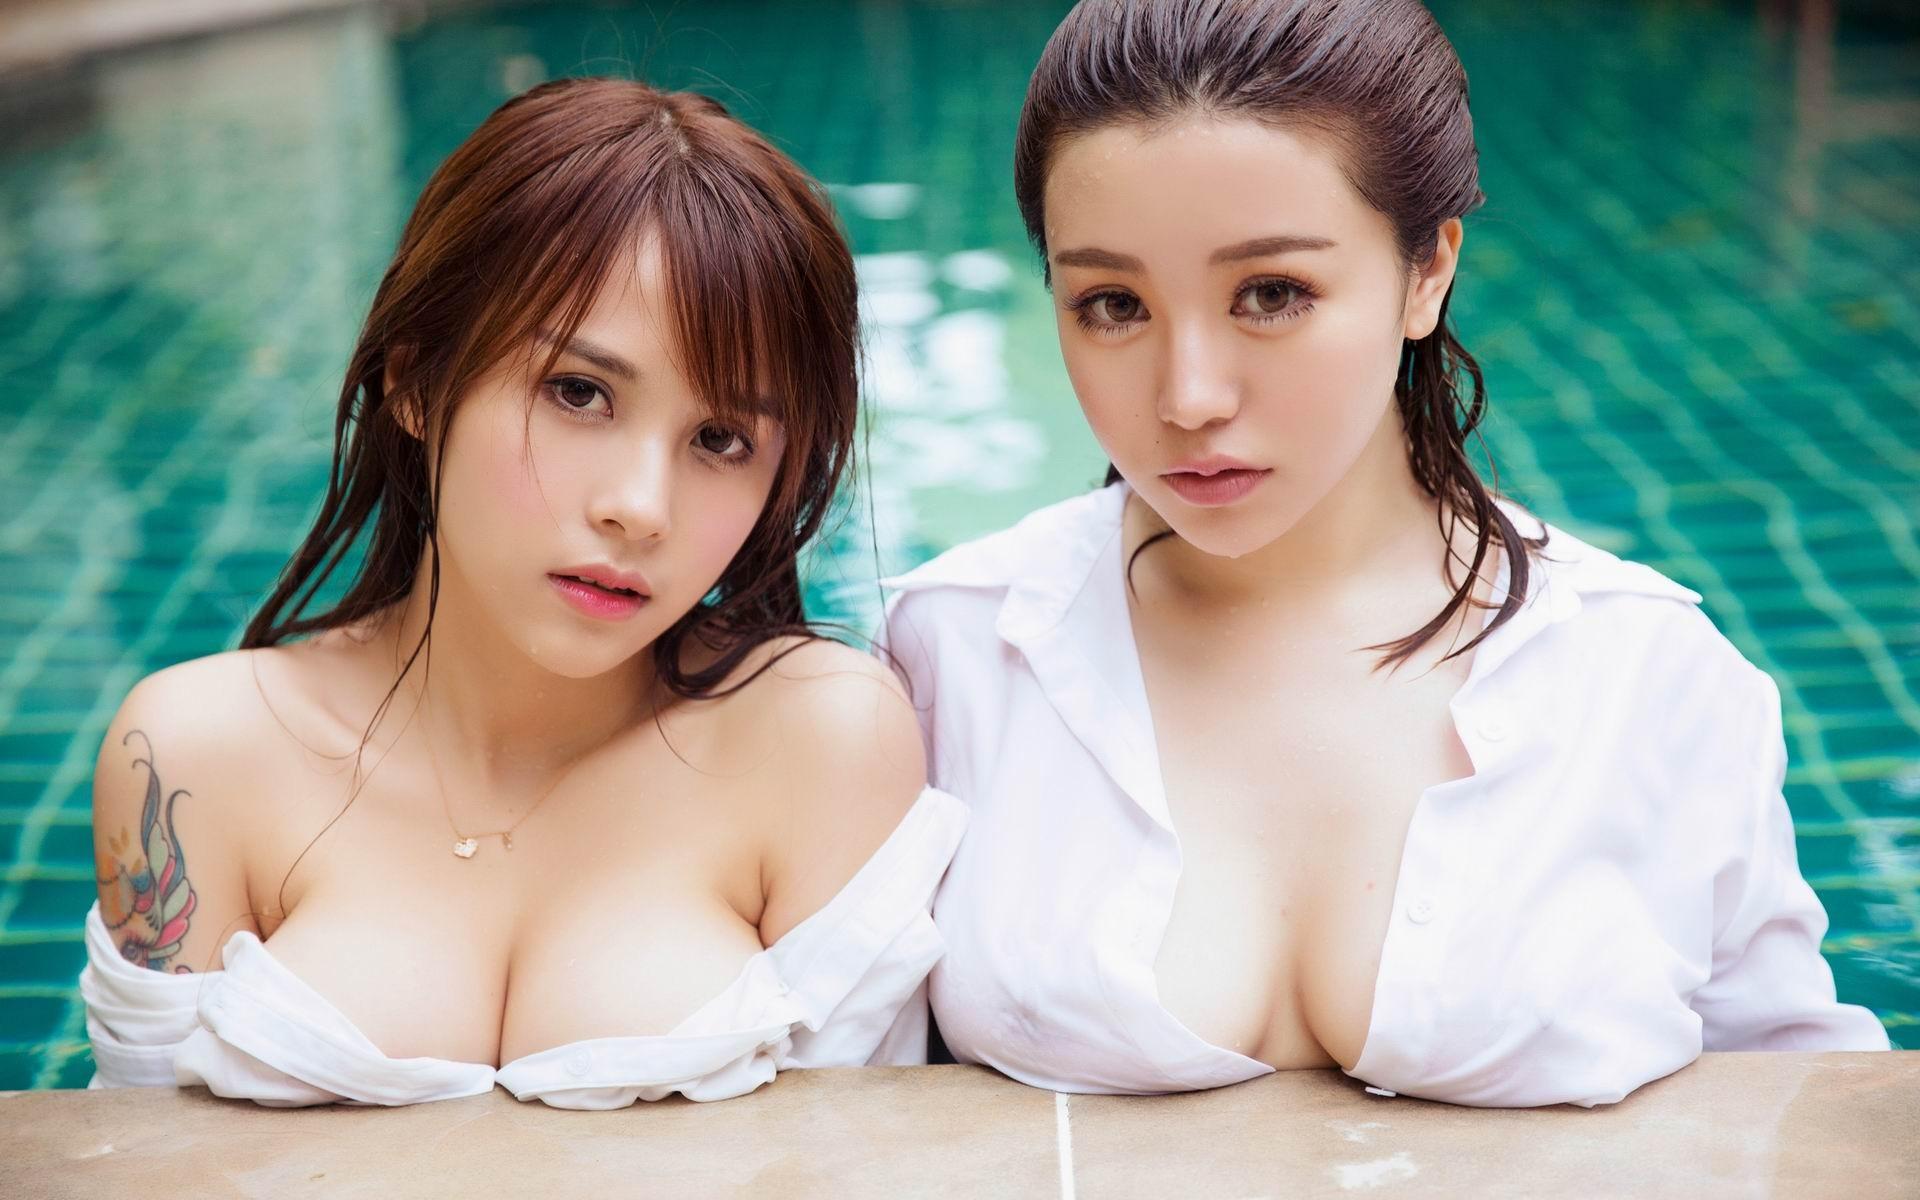 Ролики большие сиськи в одежде и в бассейне